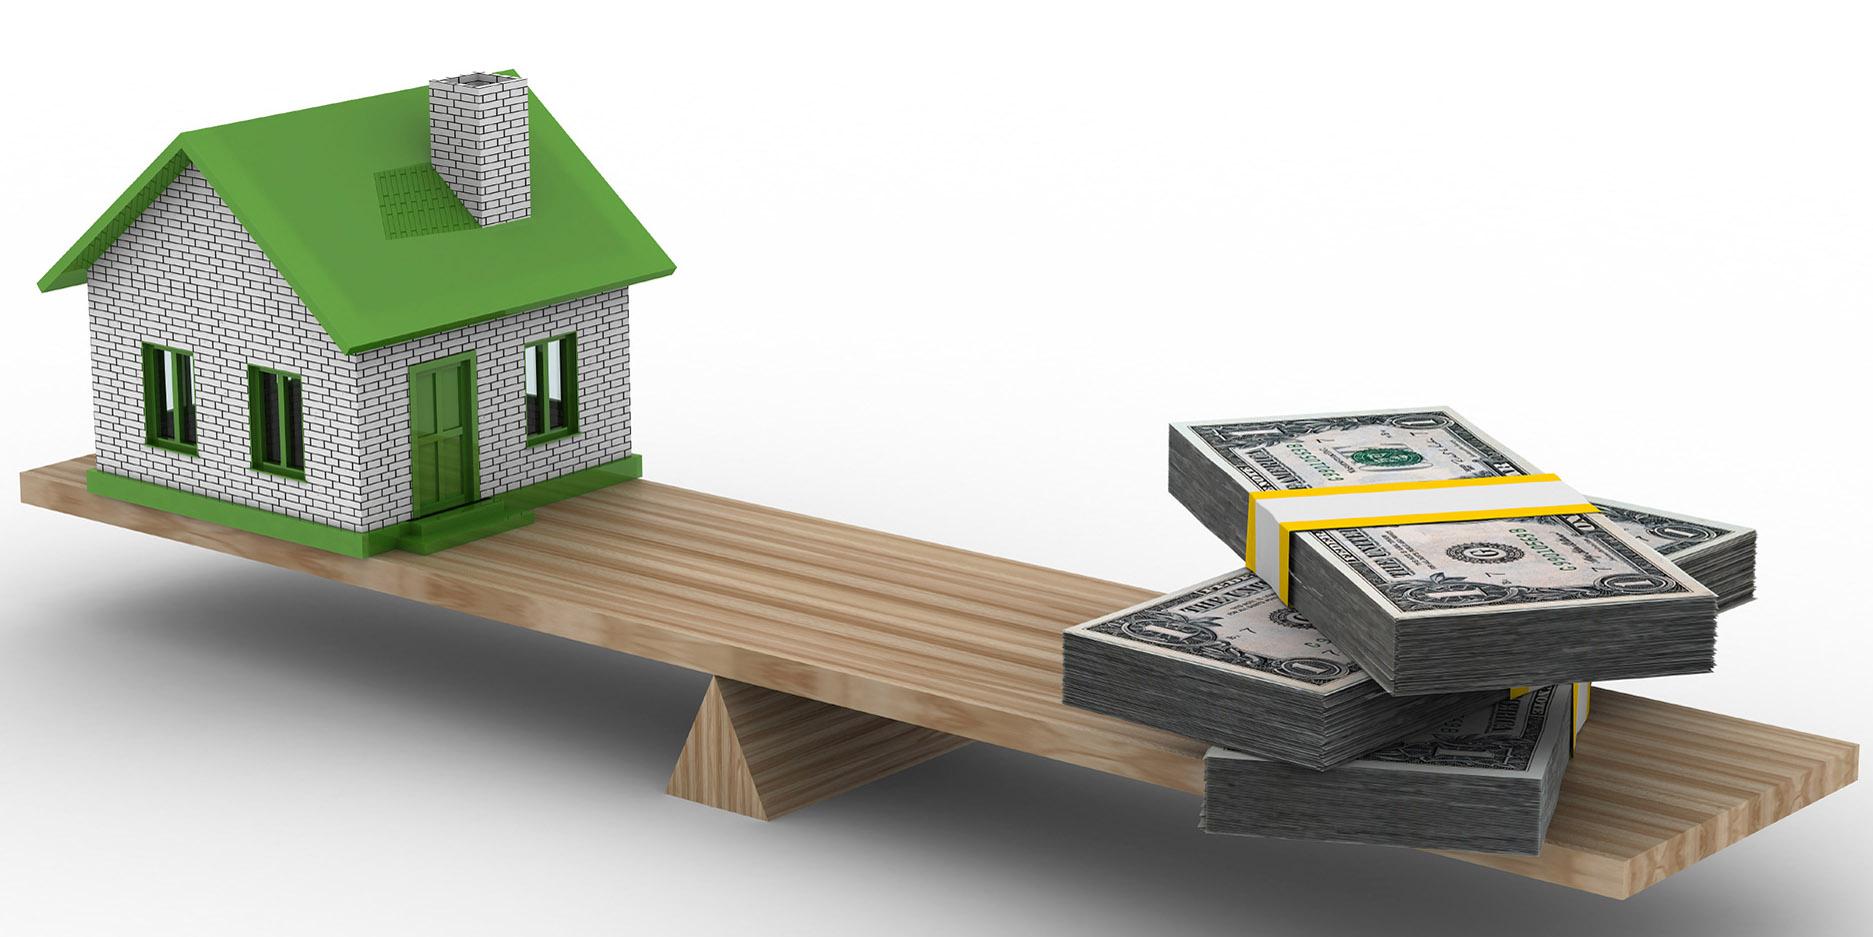 تحولات جدید در بازار مسکن/ حرکت منابع بانکها به سمت ساخت و ساز